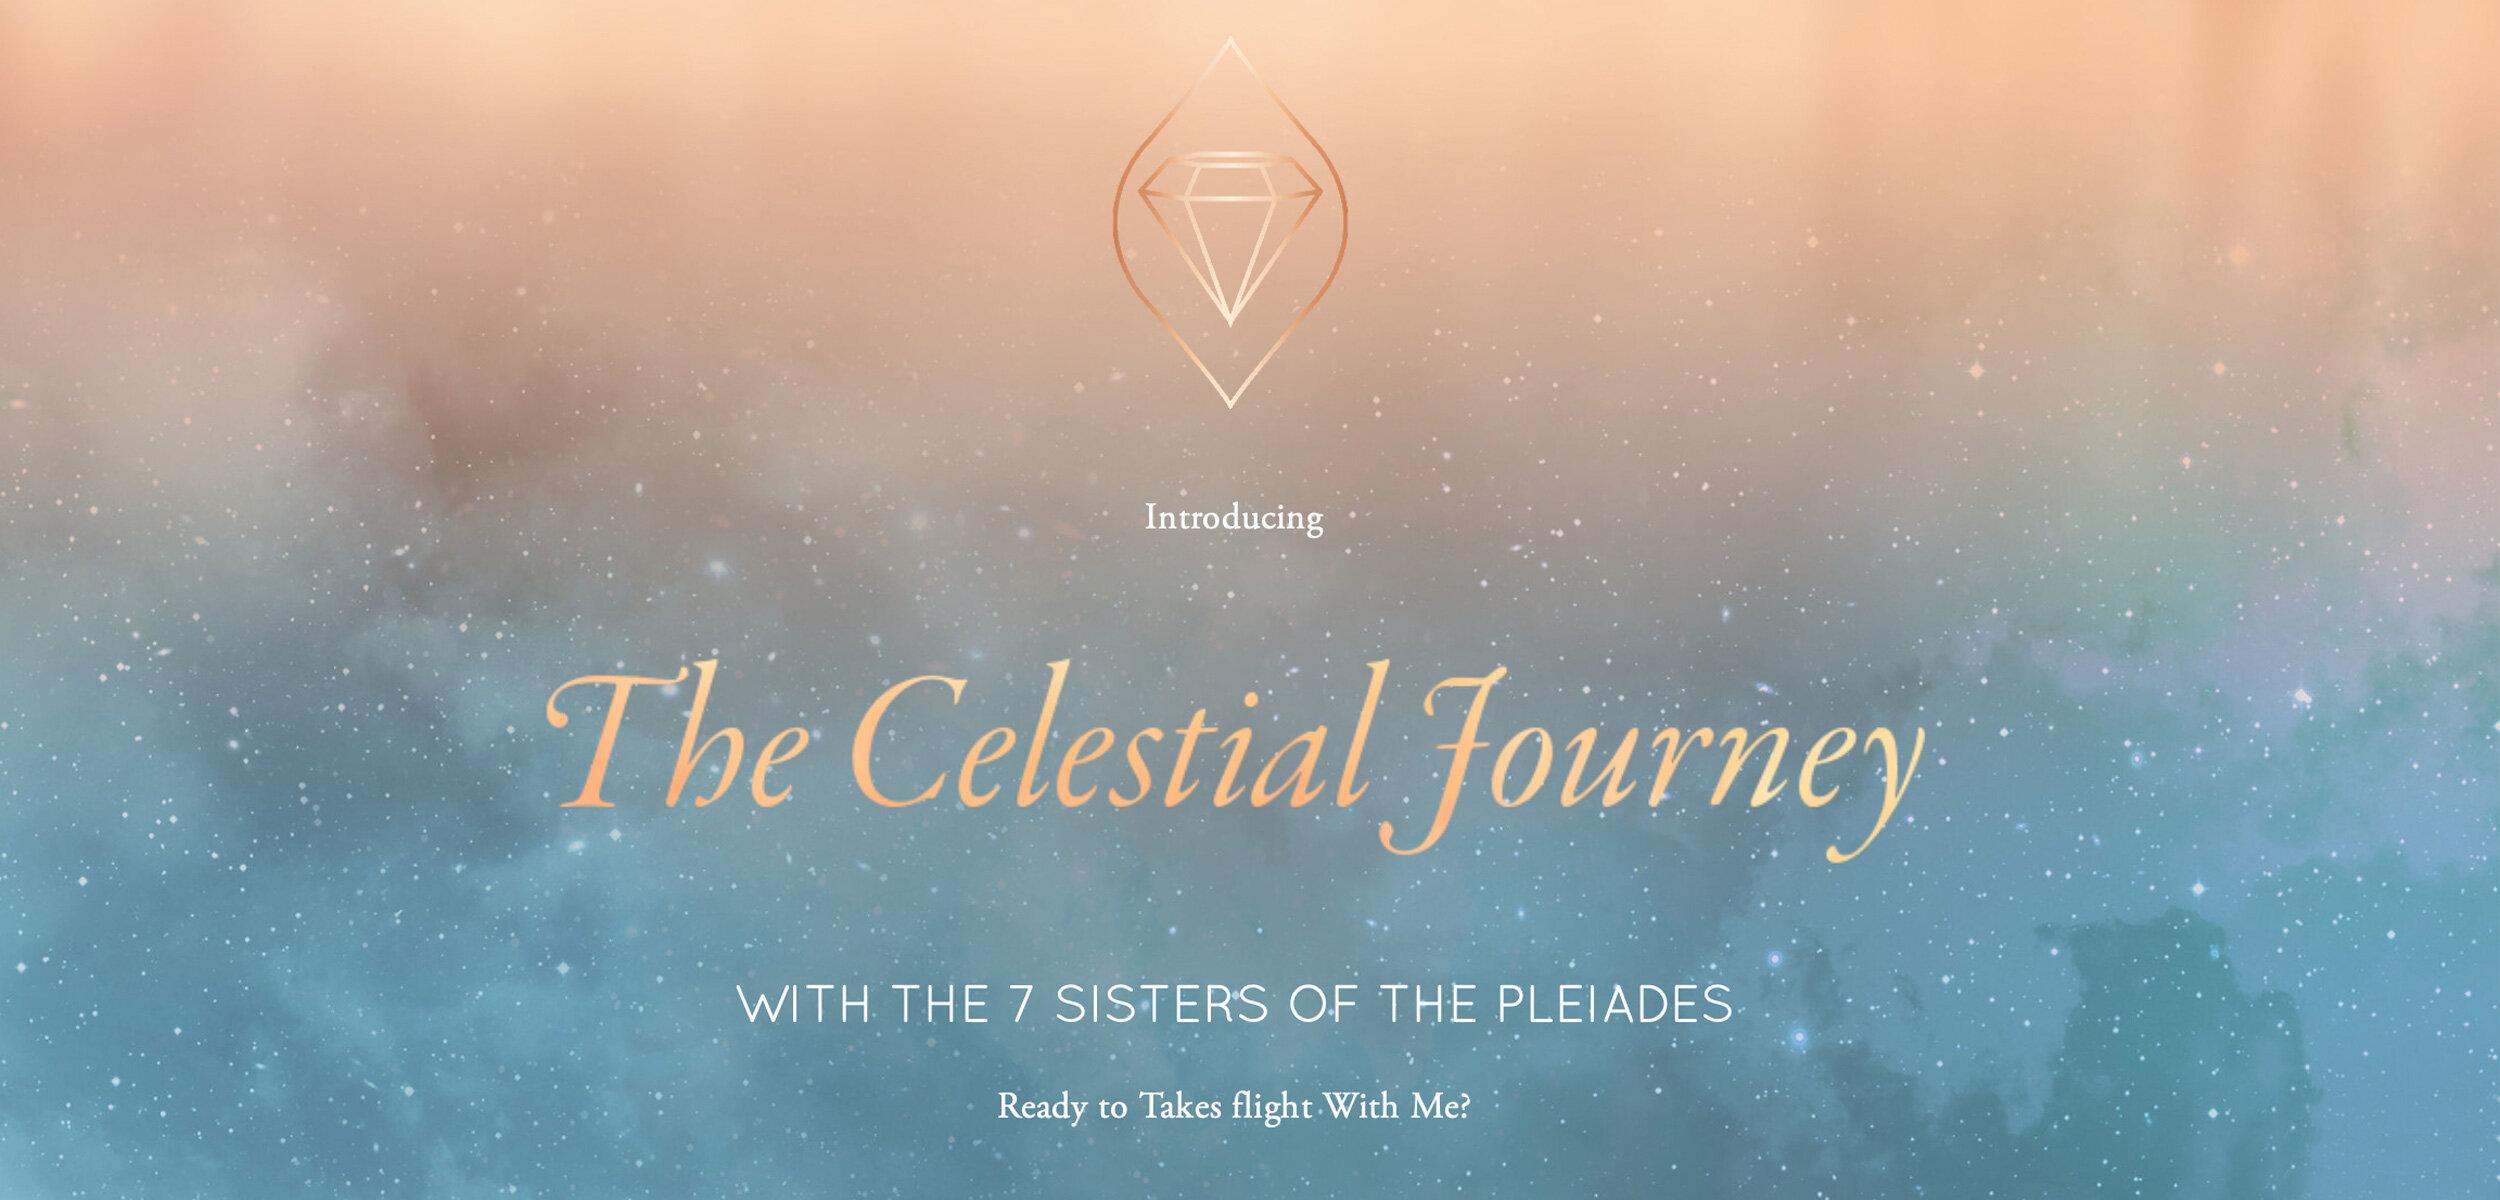 7om_celestial_journey.jpg